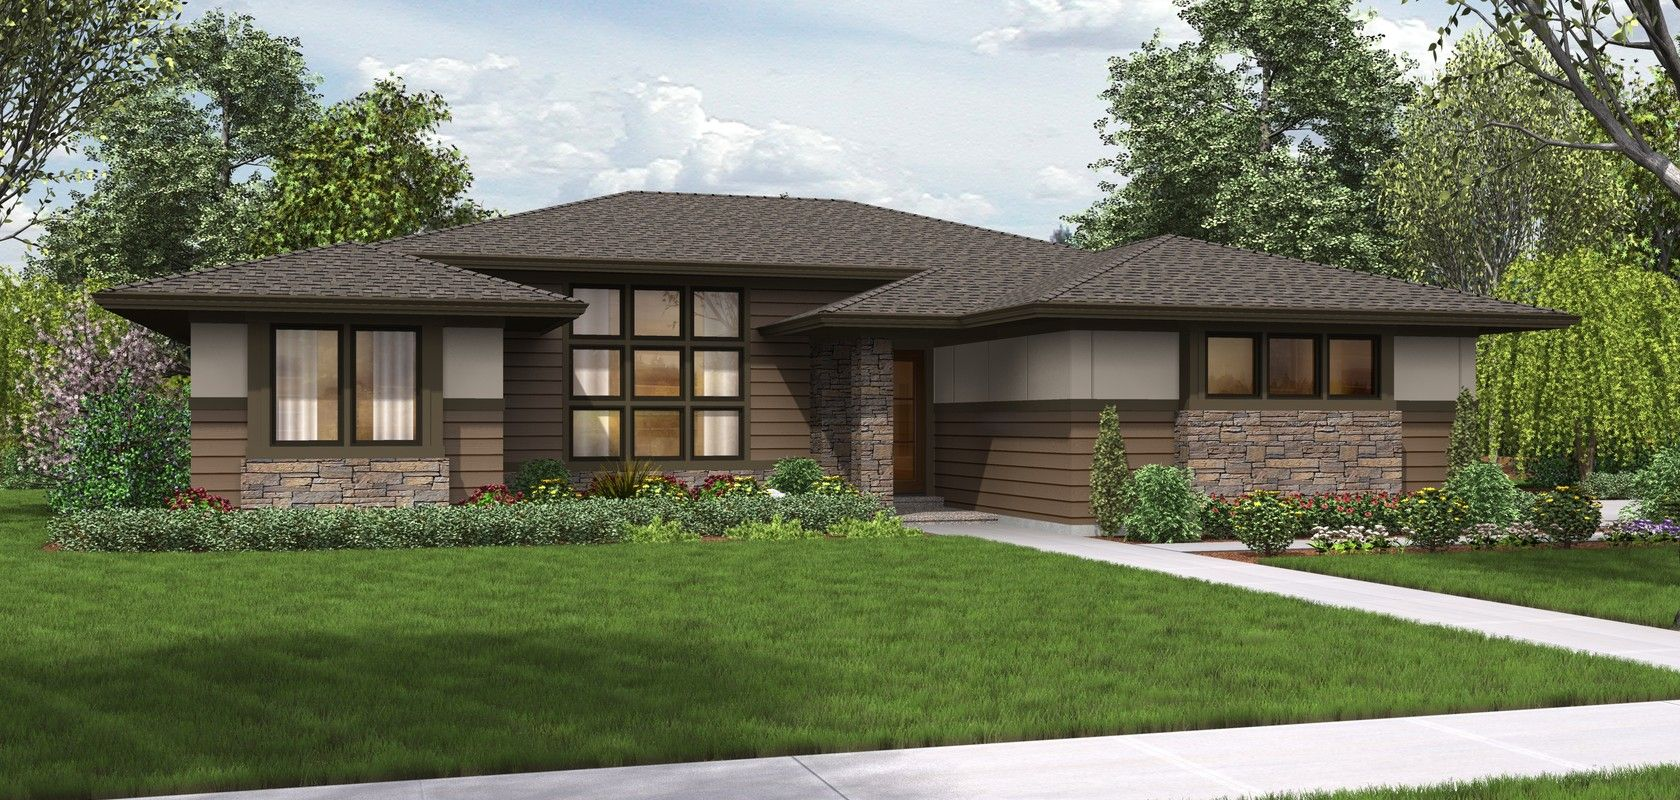 Mascord House Plan 1247 The Dallas Planos De Casas Modernas Planos De Casas Casas